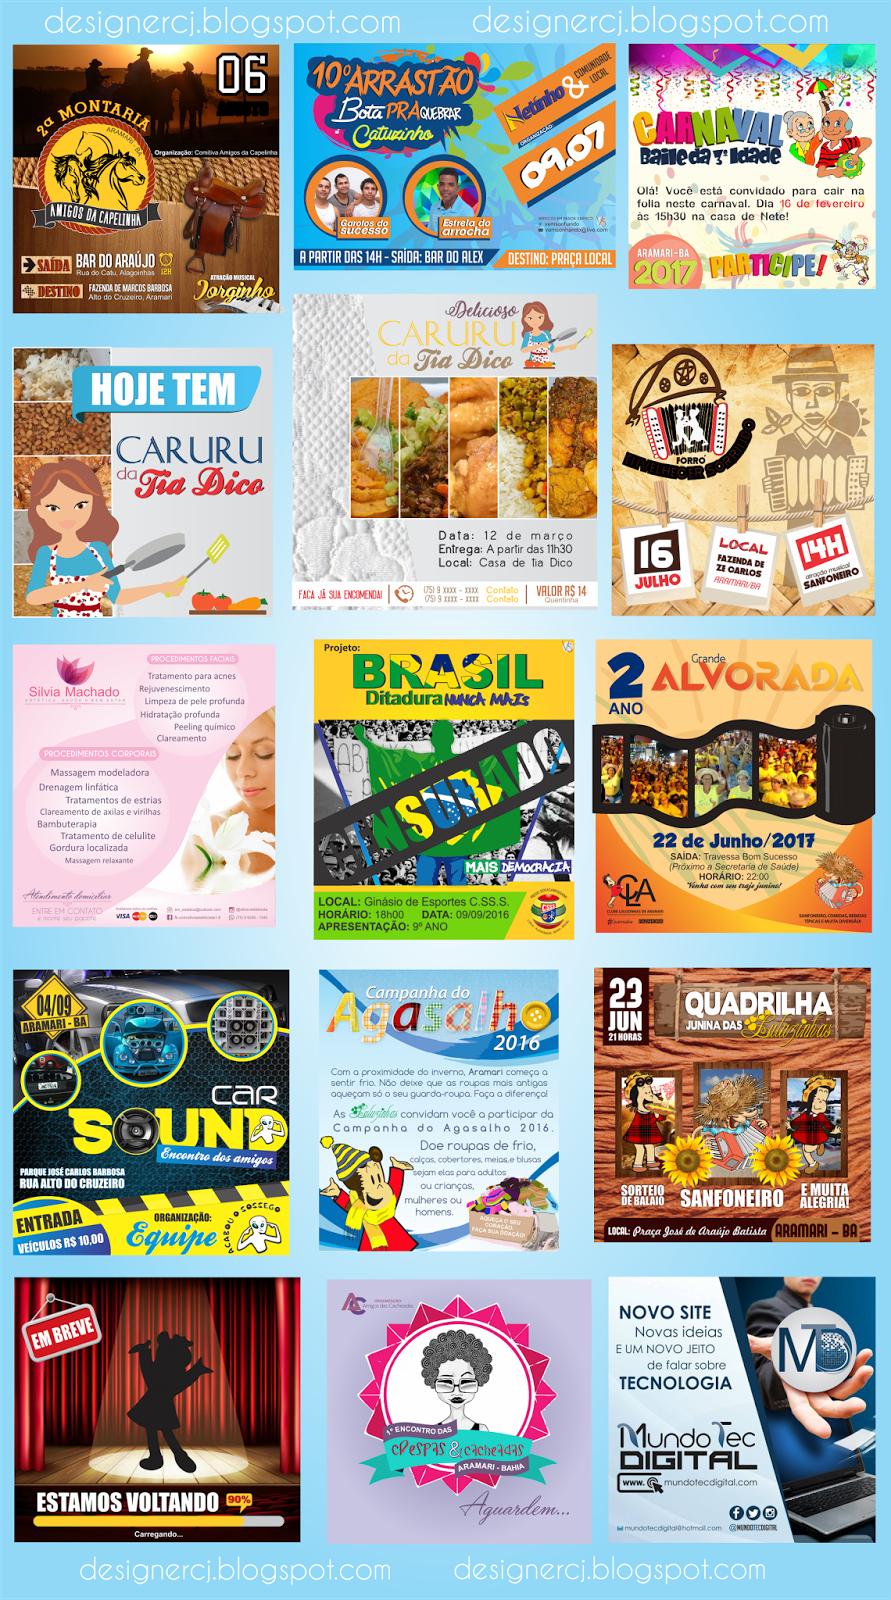 Panfletos, Cartazes e materiais publicitários